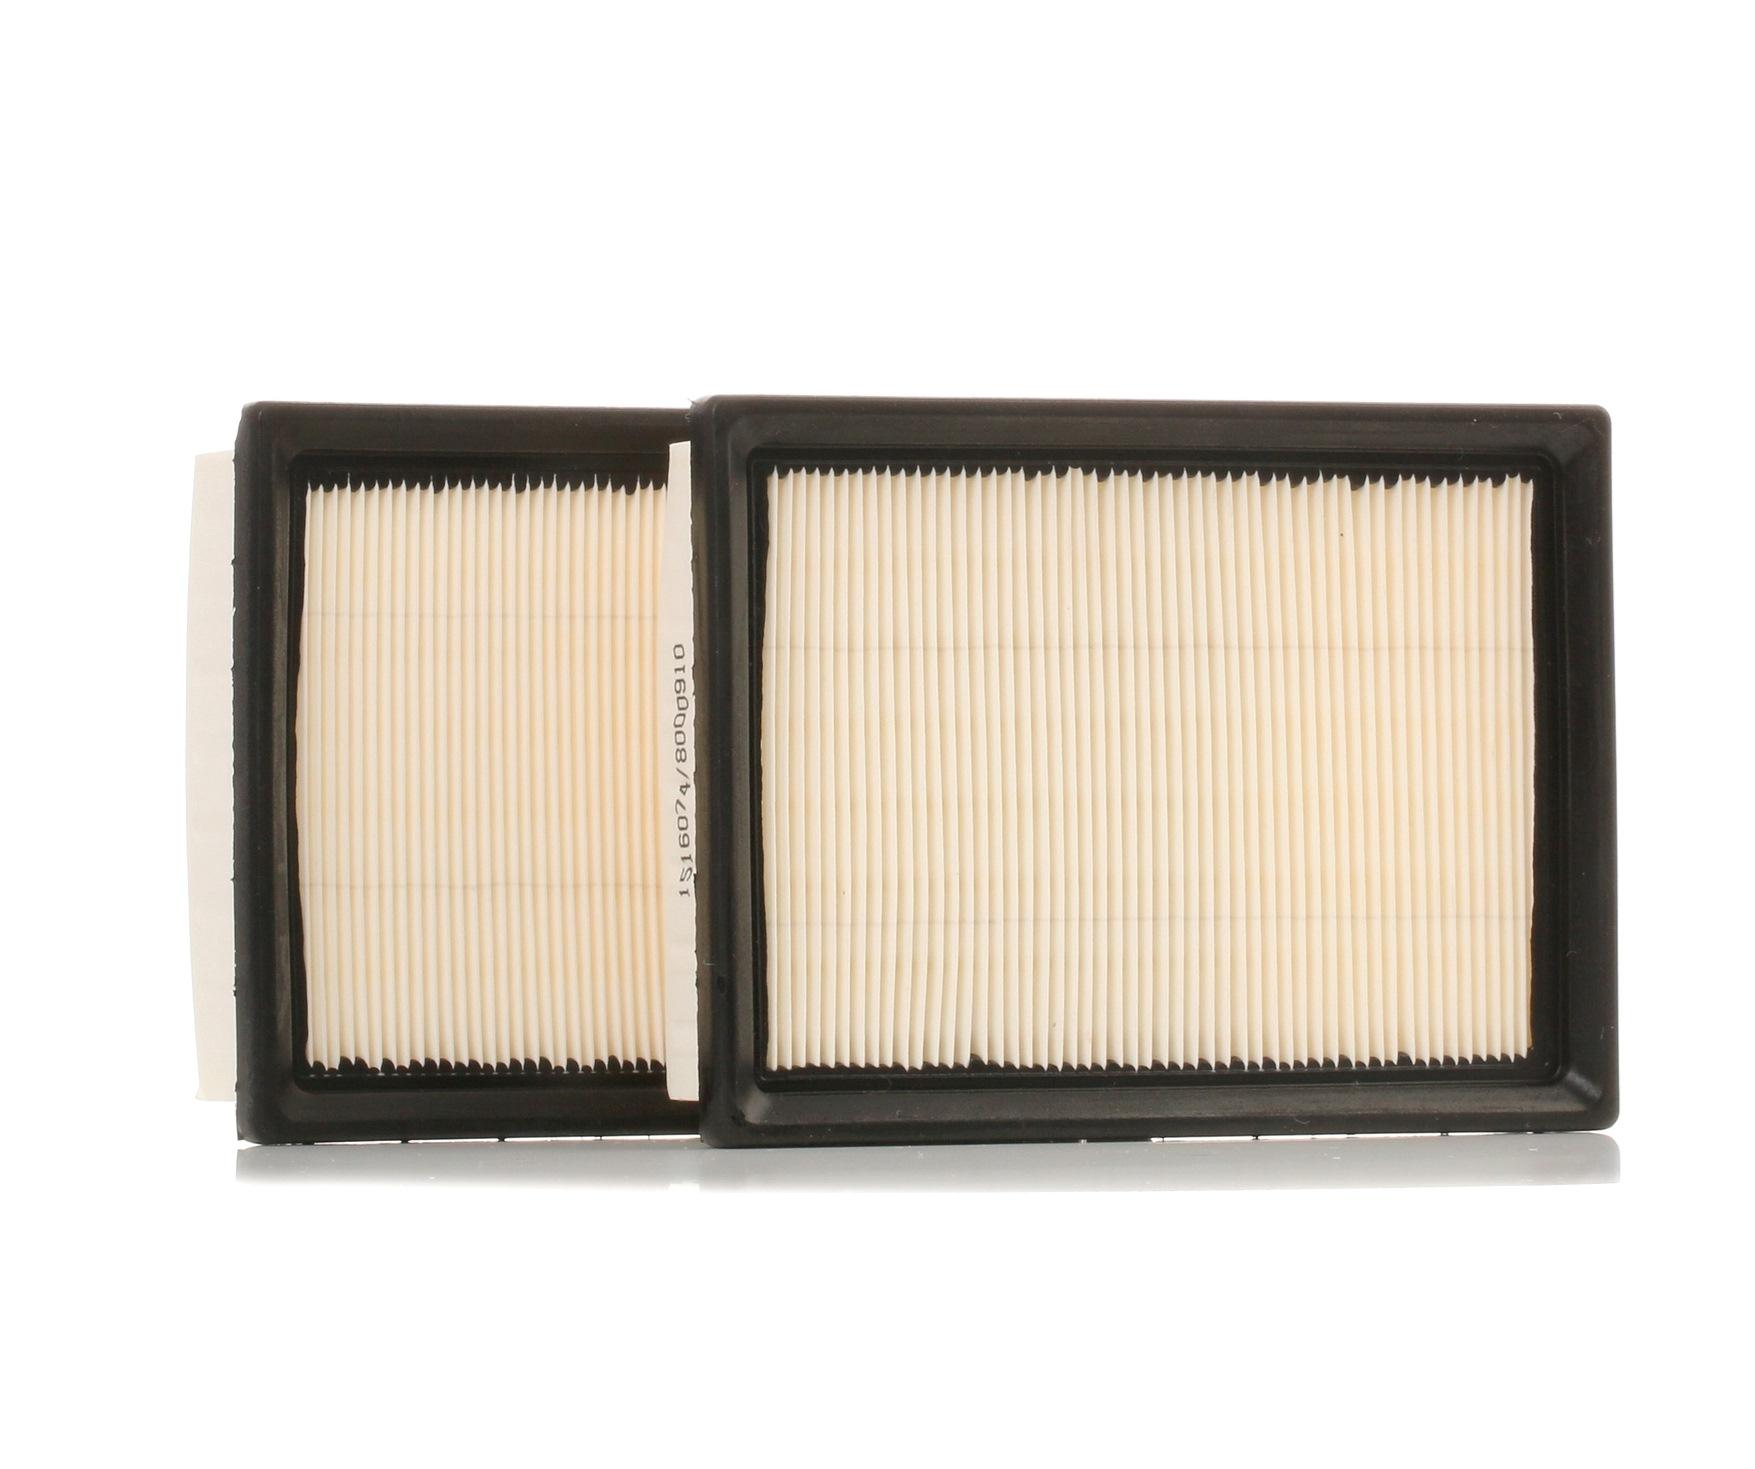 Filtr powietrza 8A0105 w niskiej cenie — kupić teraz!